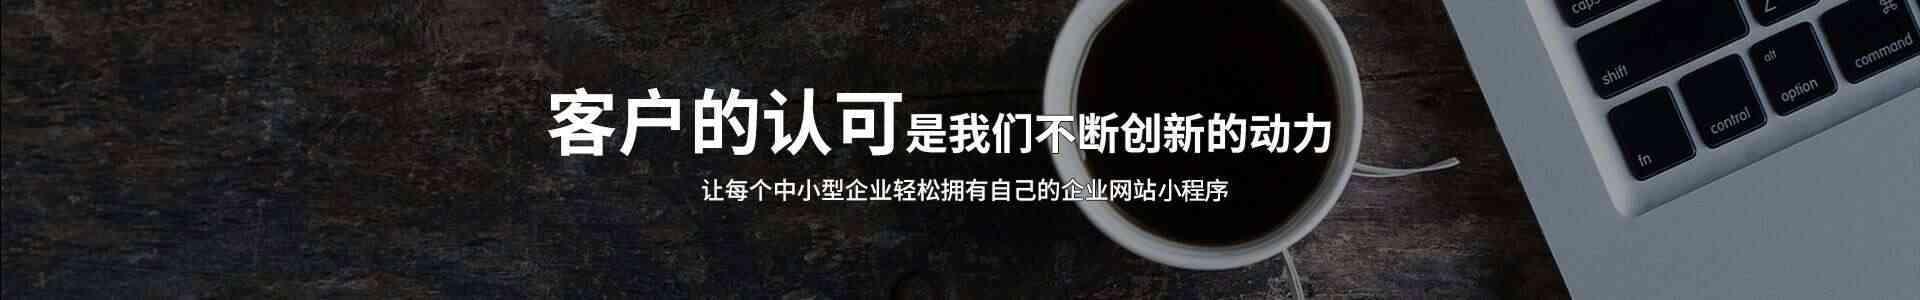 瀚林网络科技